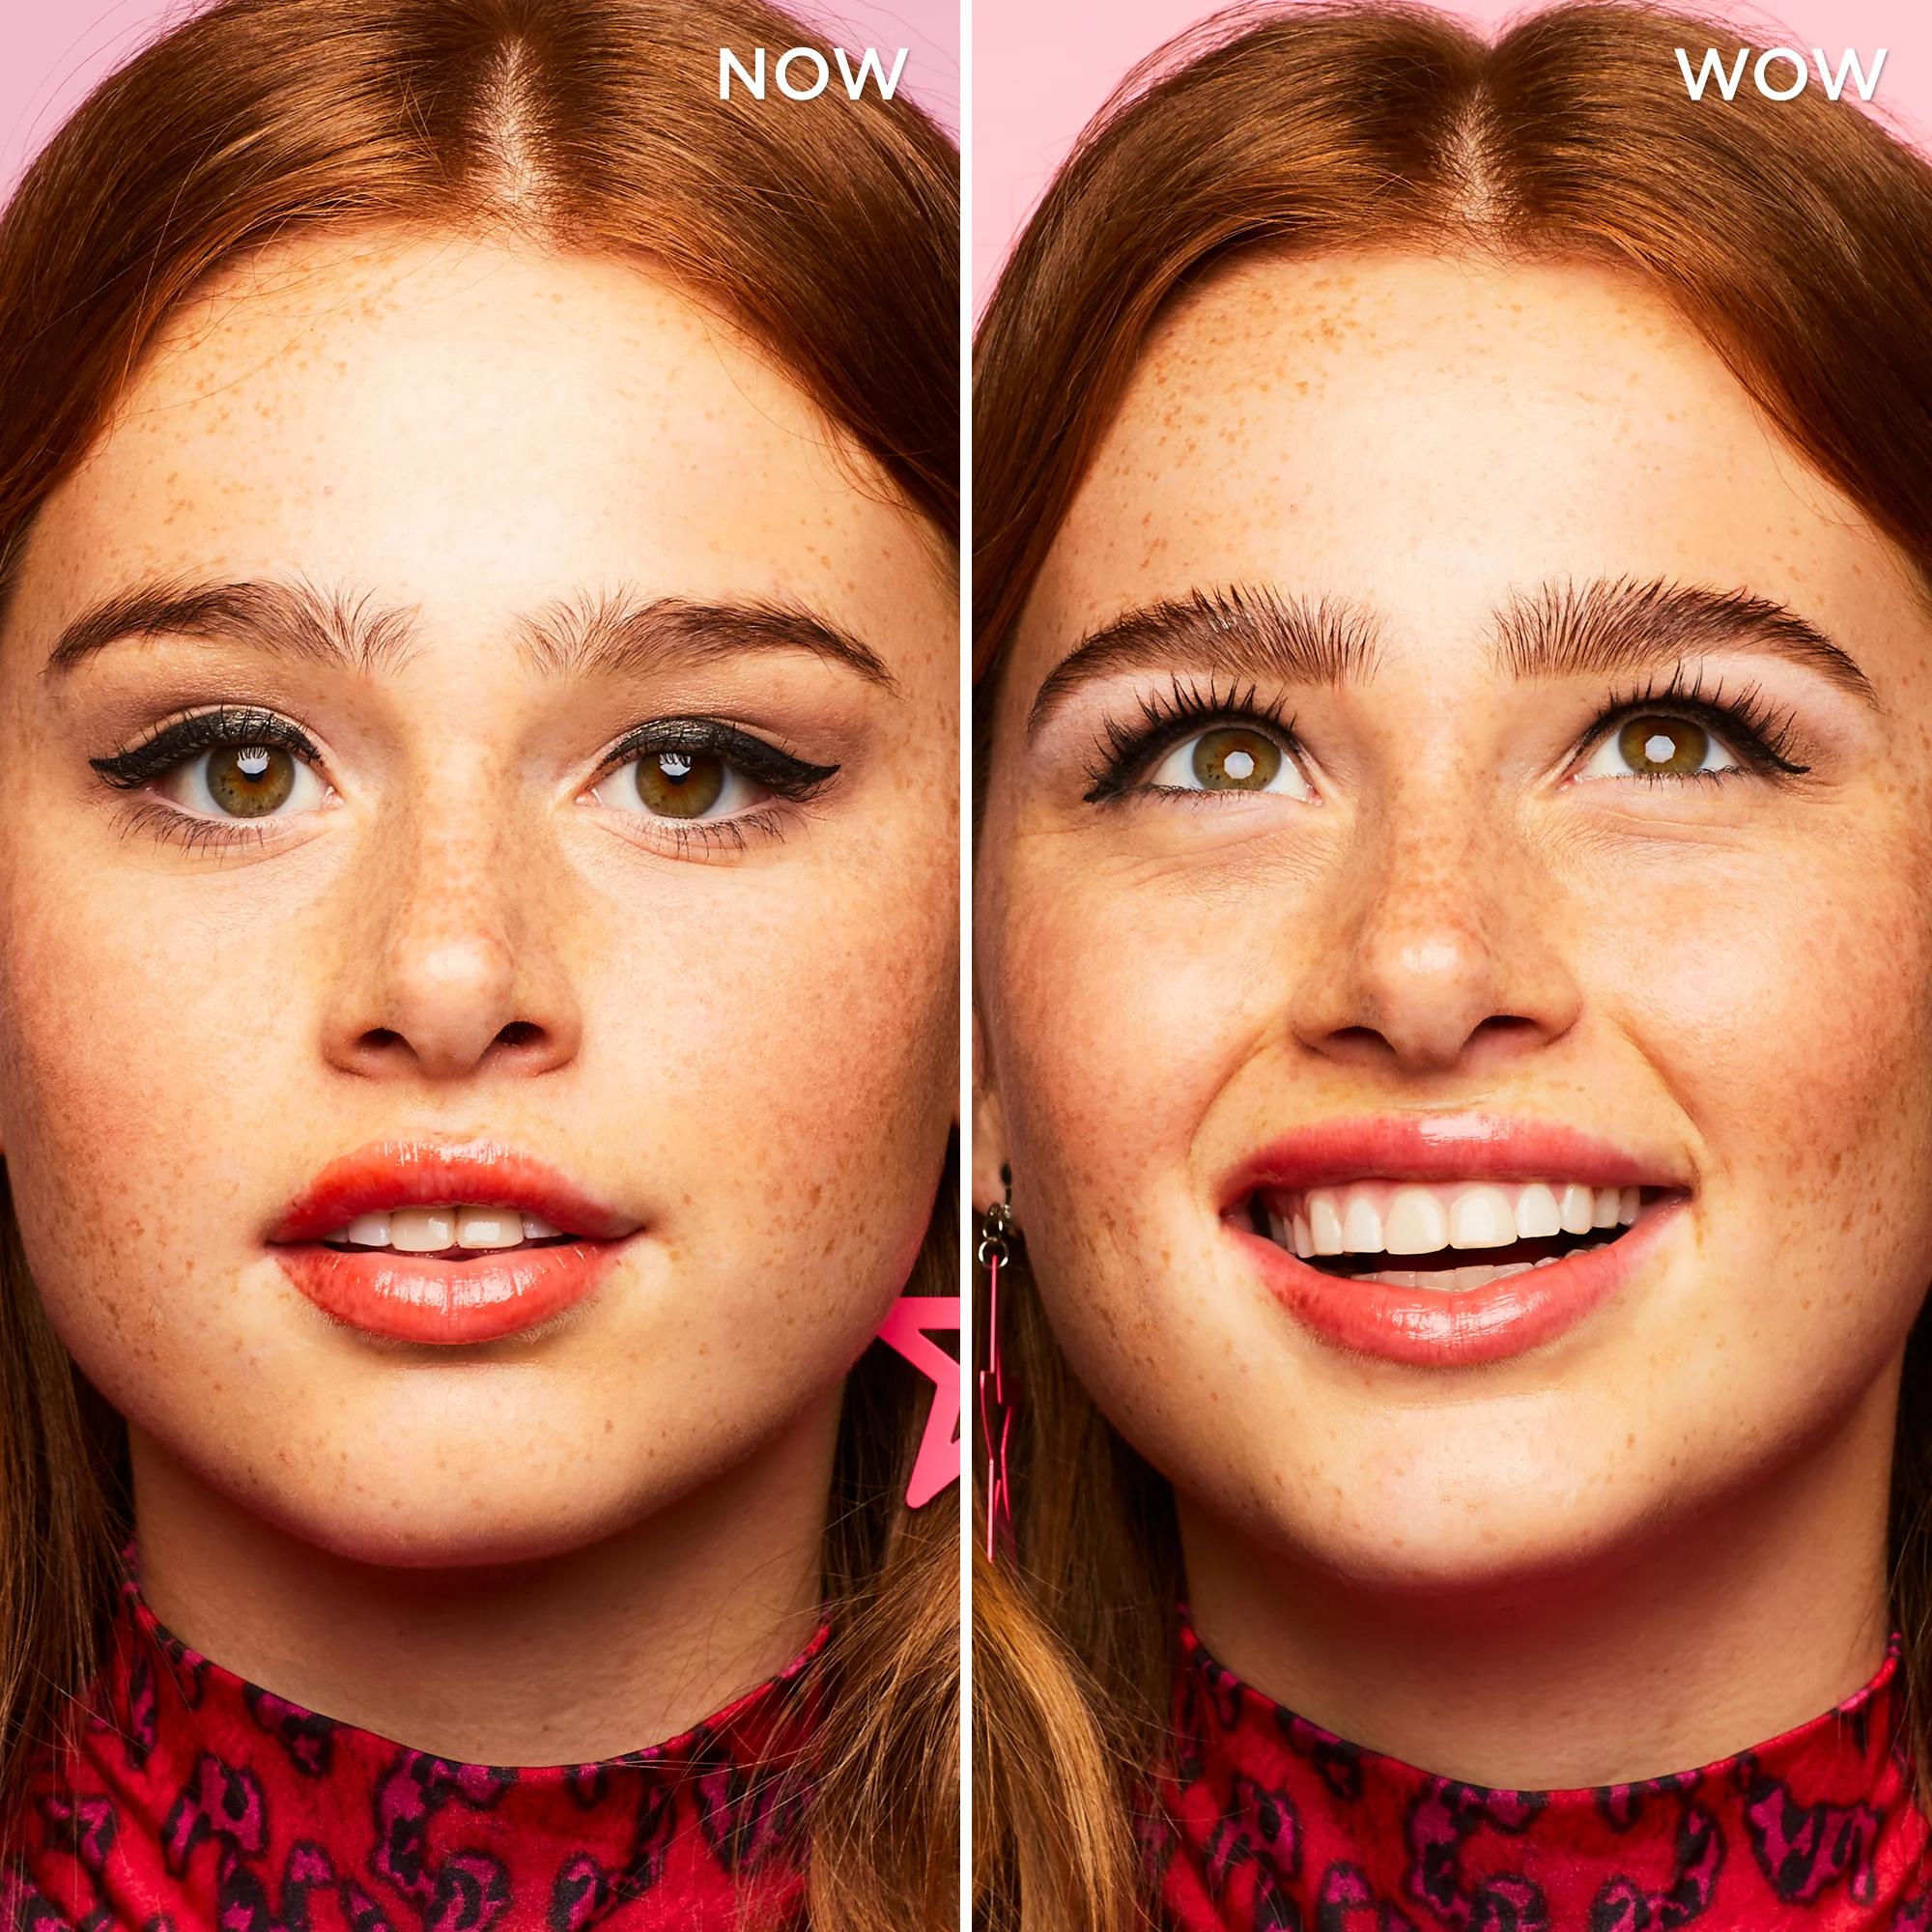 Брови до и после использования косметического средства